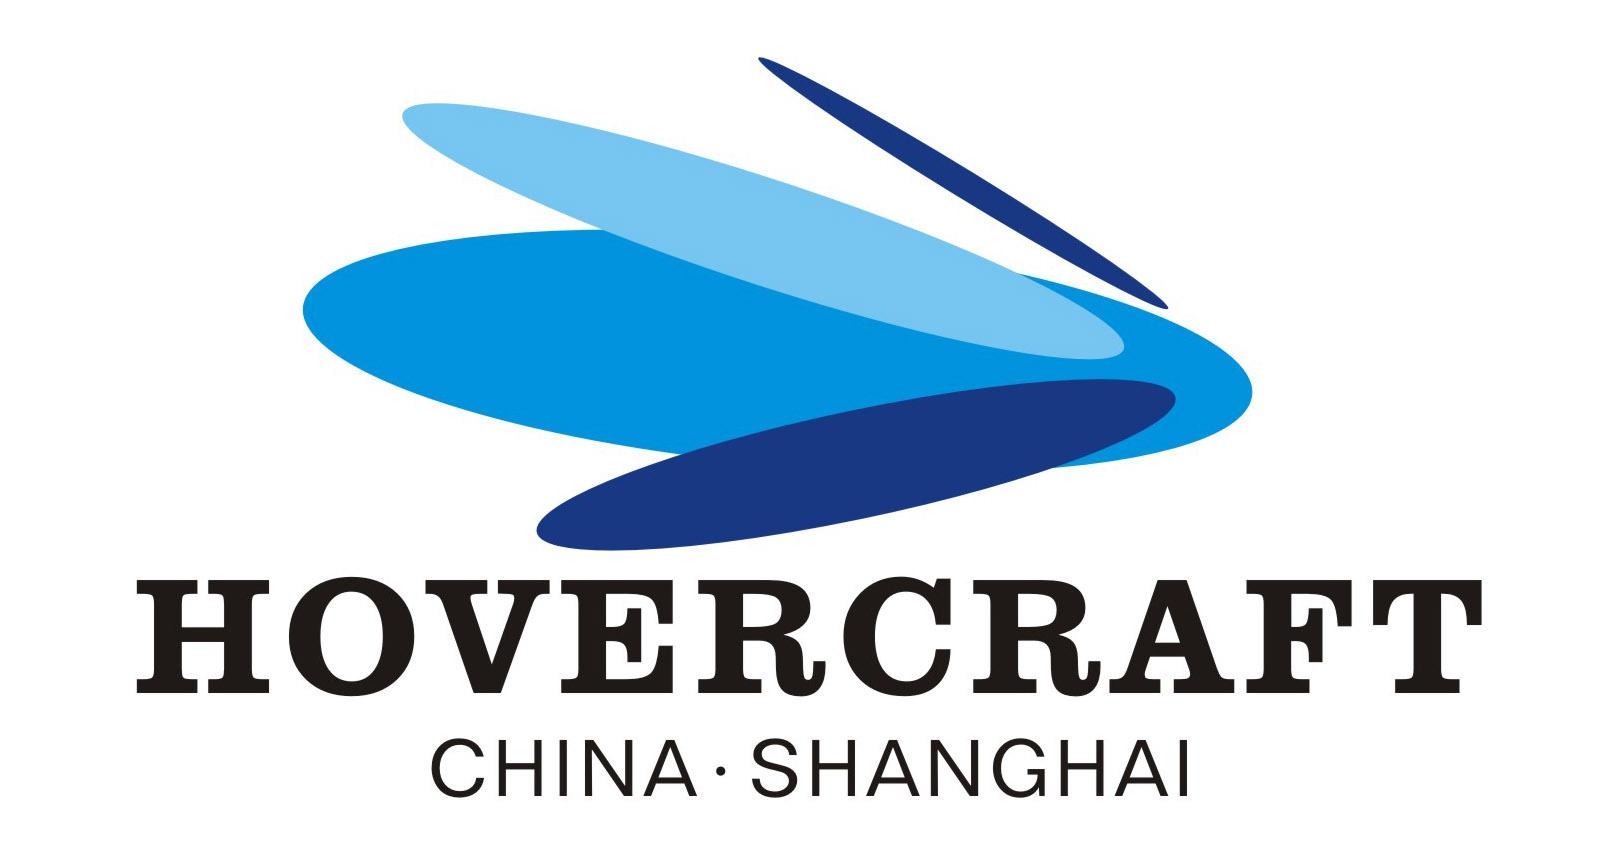 宣传部logo设计素材